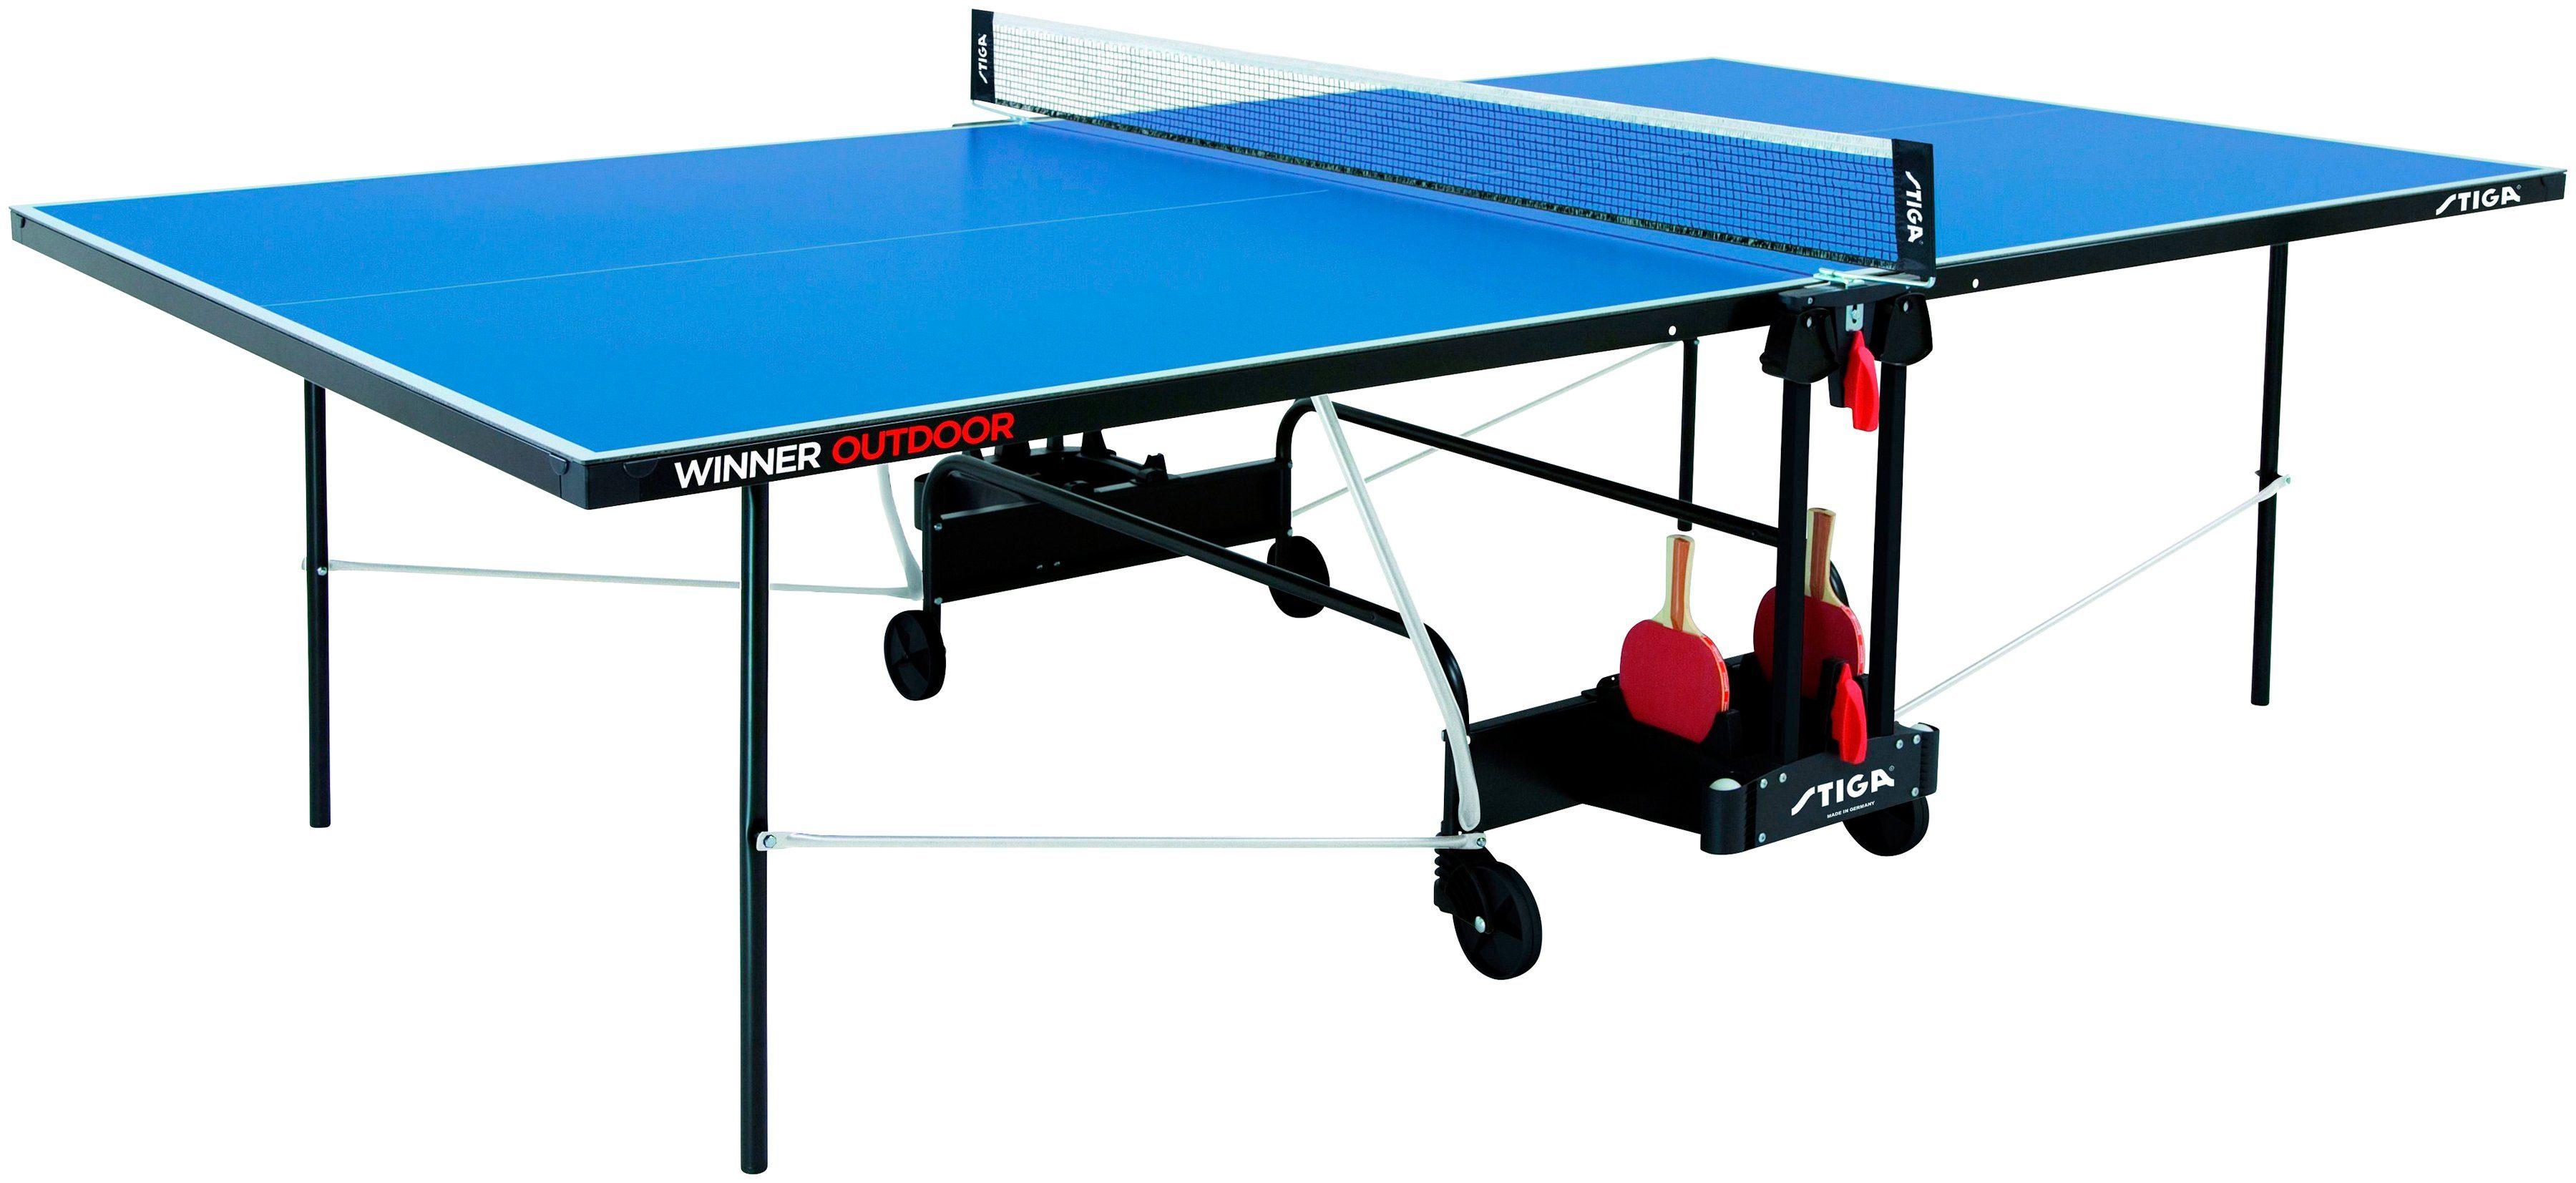 STIGA Tischtennisplatte »Winner Outdoor«, BxLxH: 152,5x274x76 cm